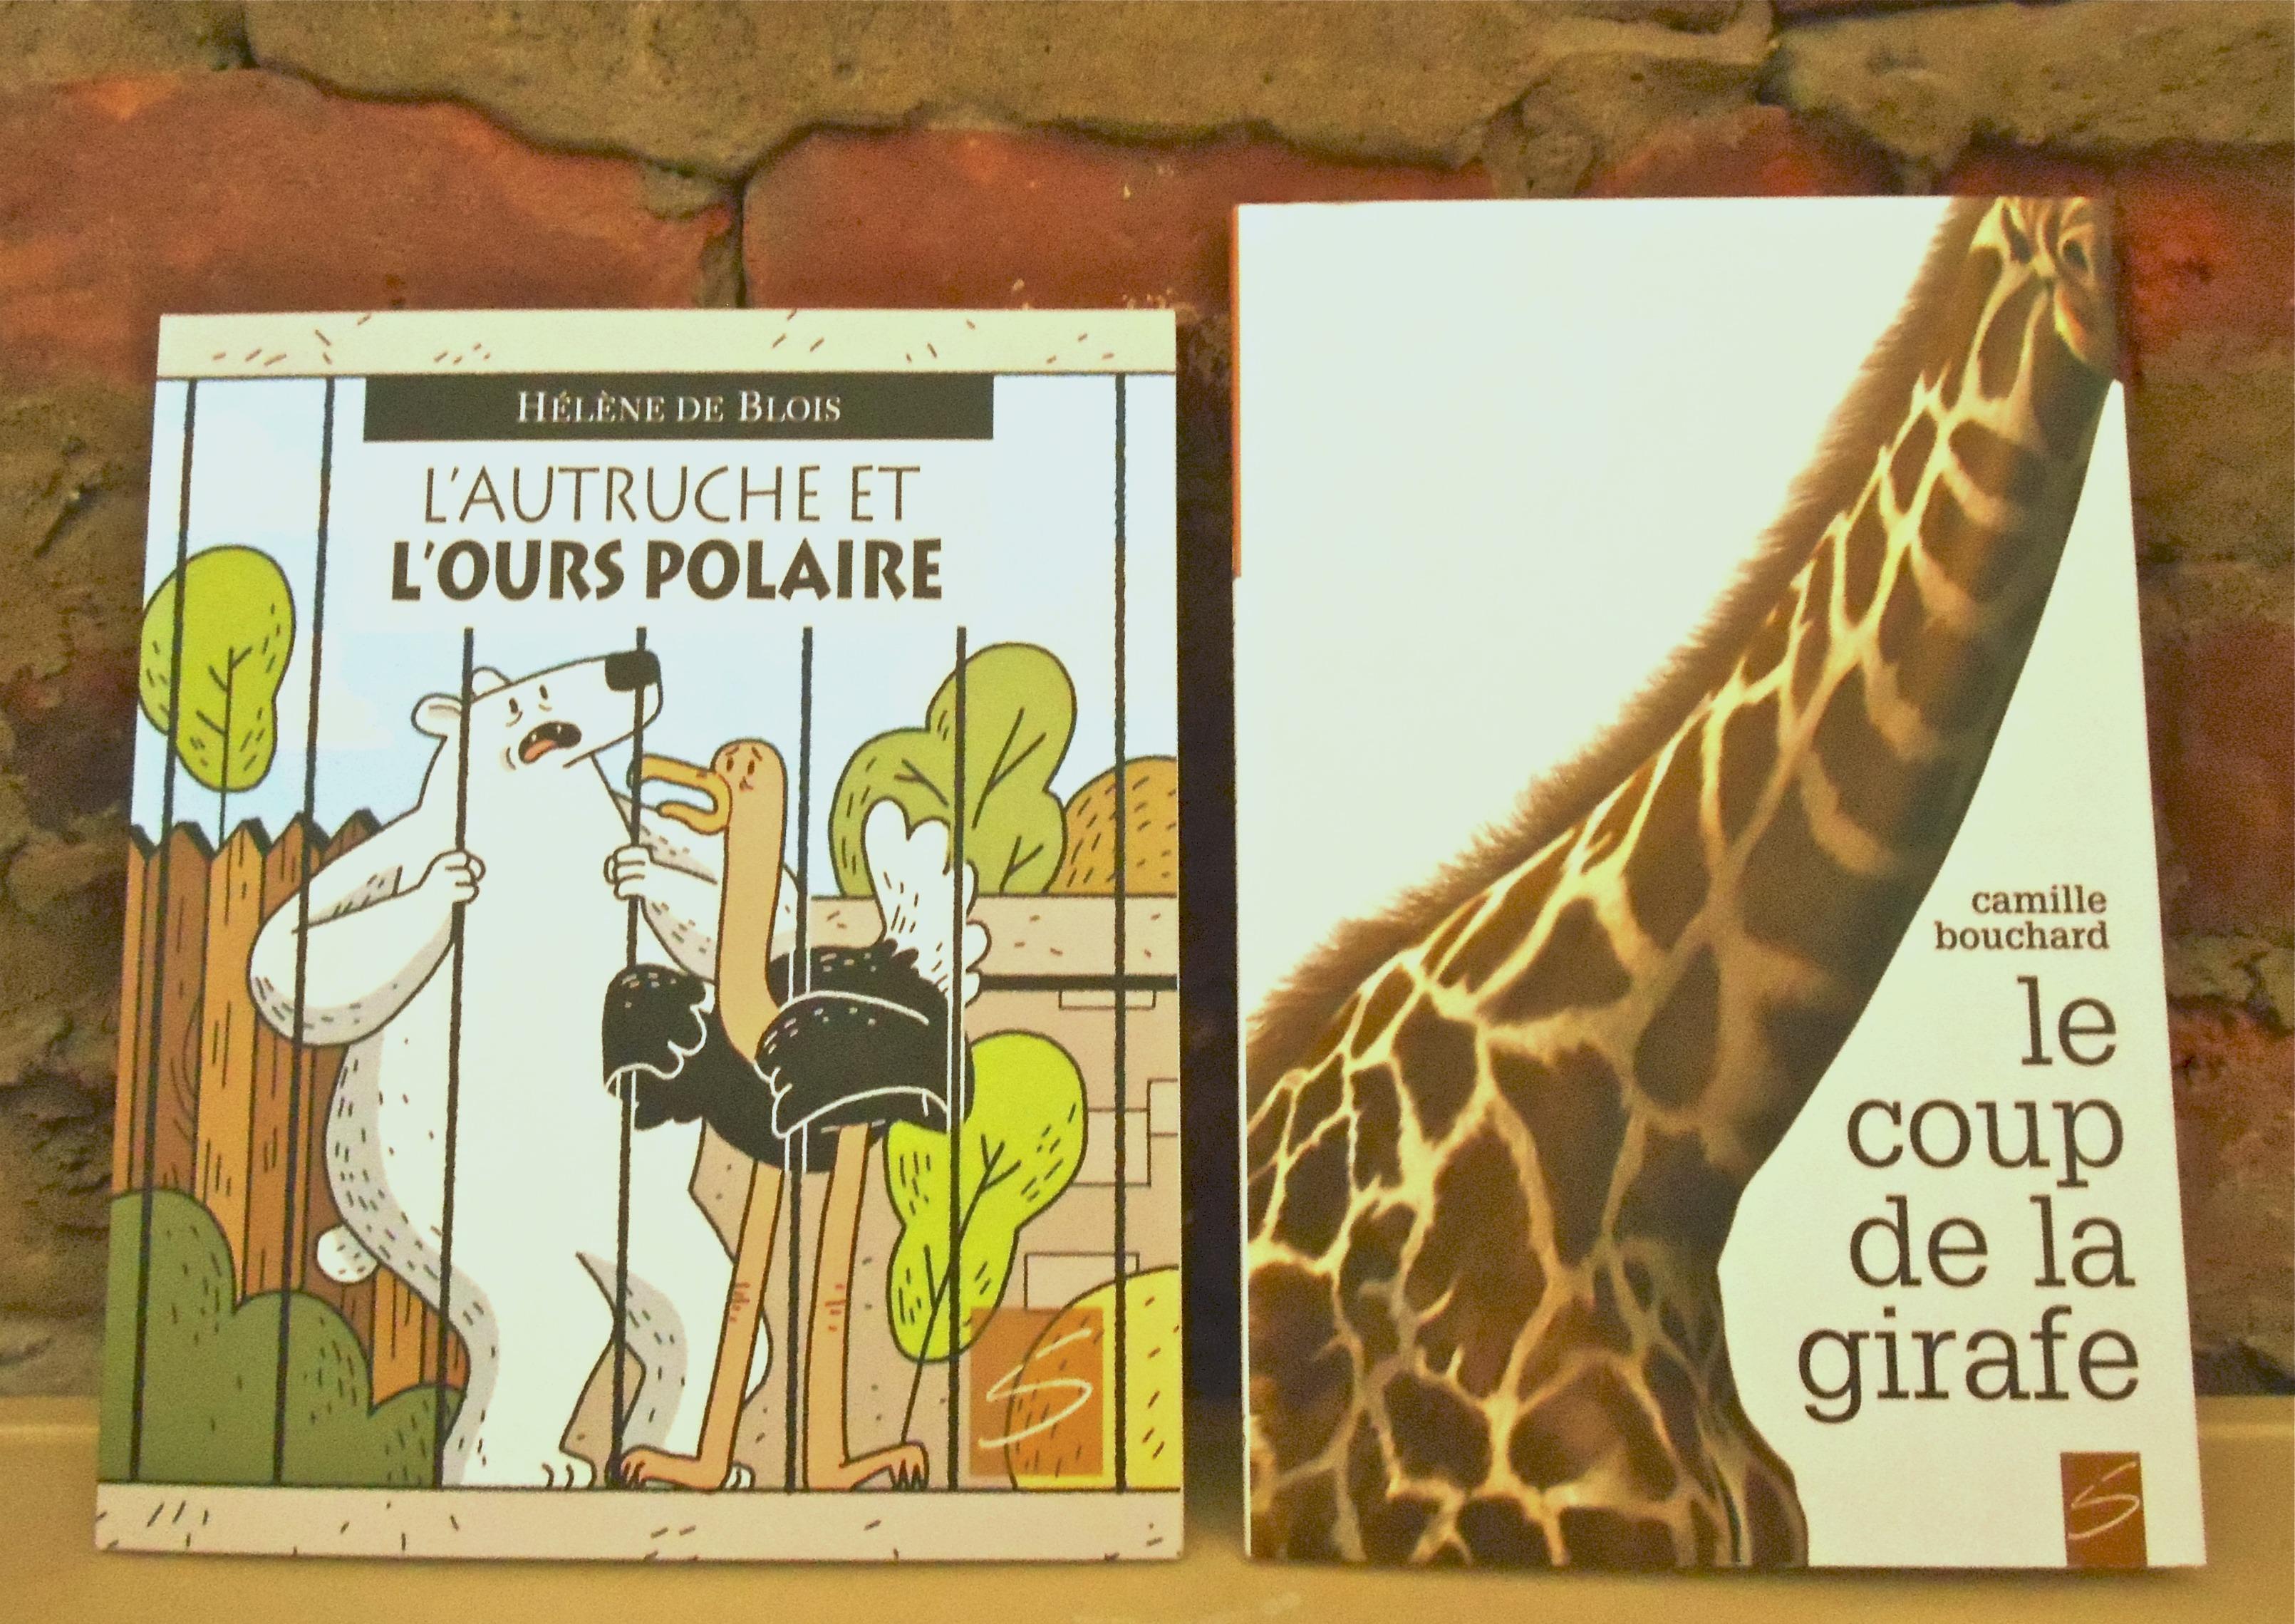 Duo Soulières éditeur : L'autruche et l'ours polaire & Le coup de la girafe !